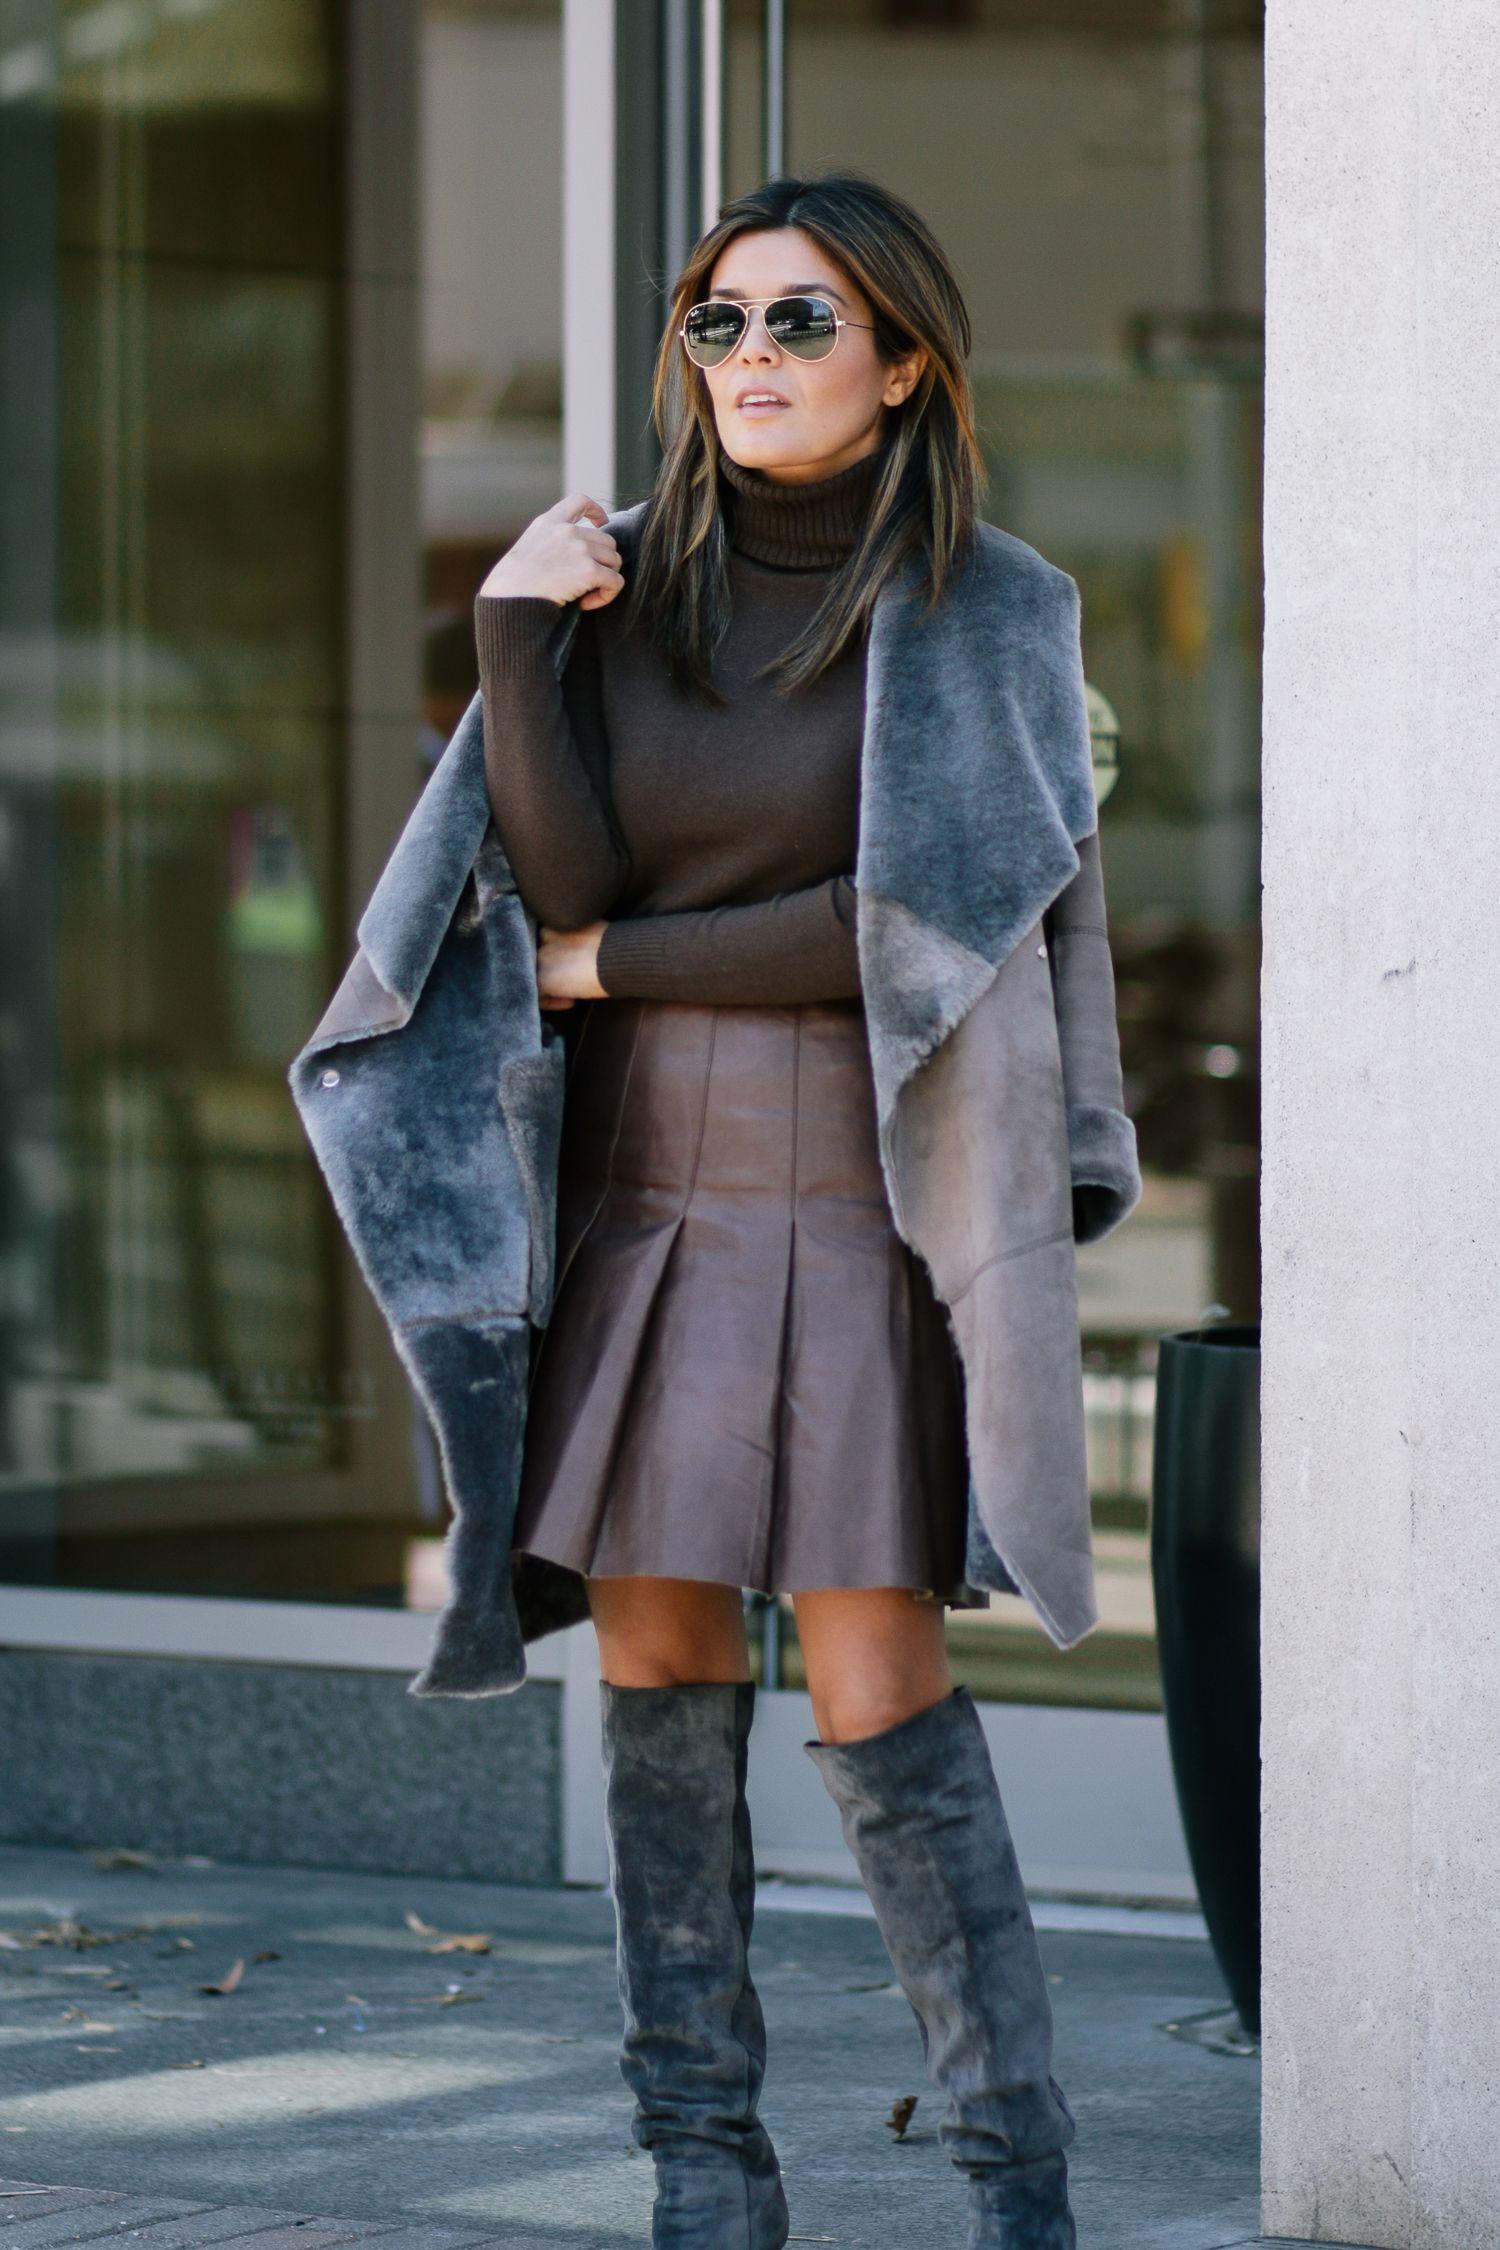 Brown and Grey Outfit (Dengan gambar)